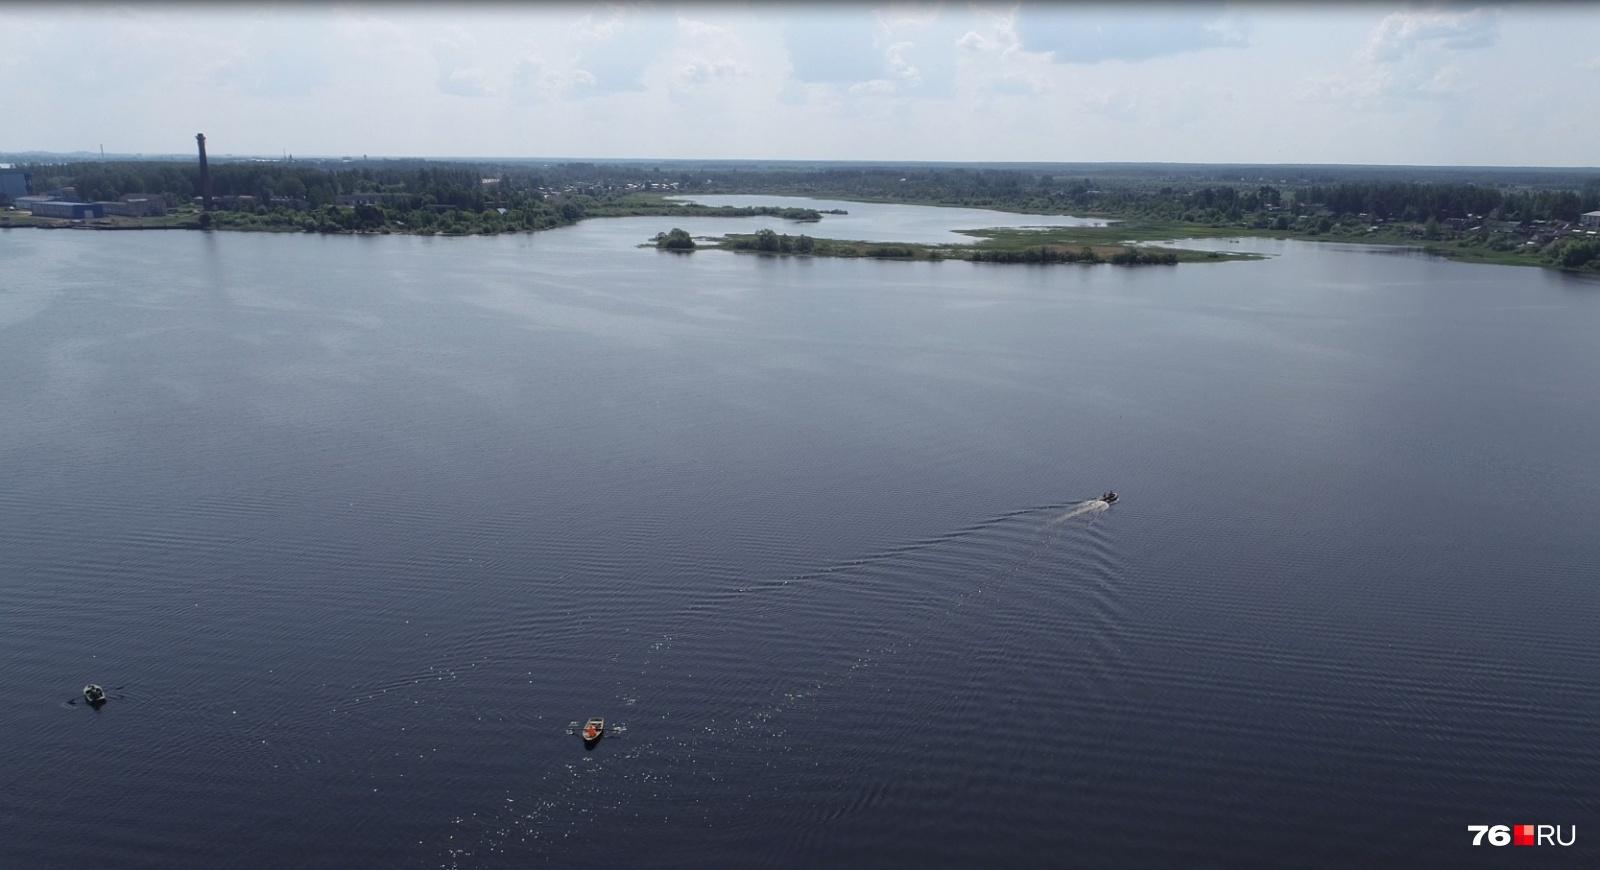 «Без неё нам конец»: как женщина-почтальон на лодке возит еду и письма людям на остров